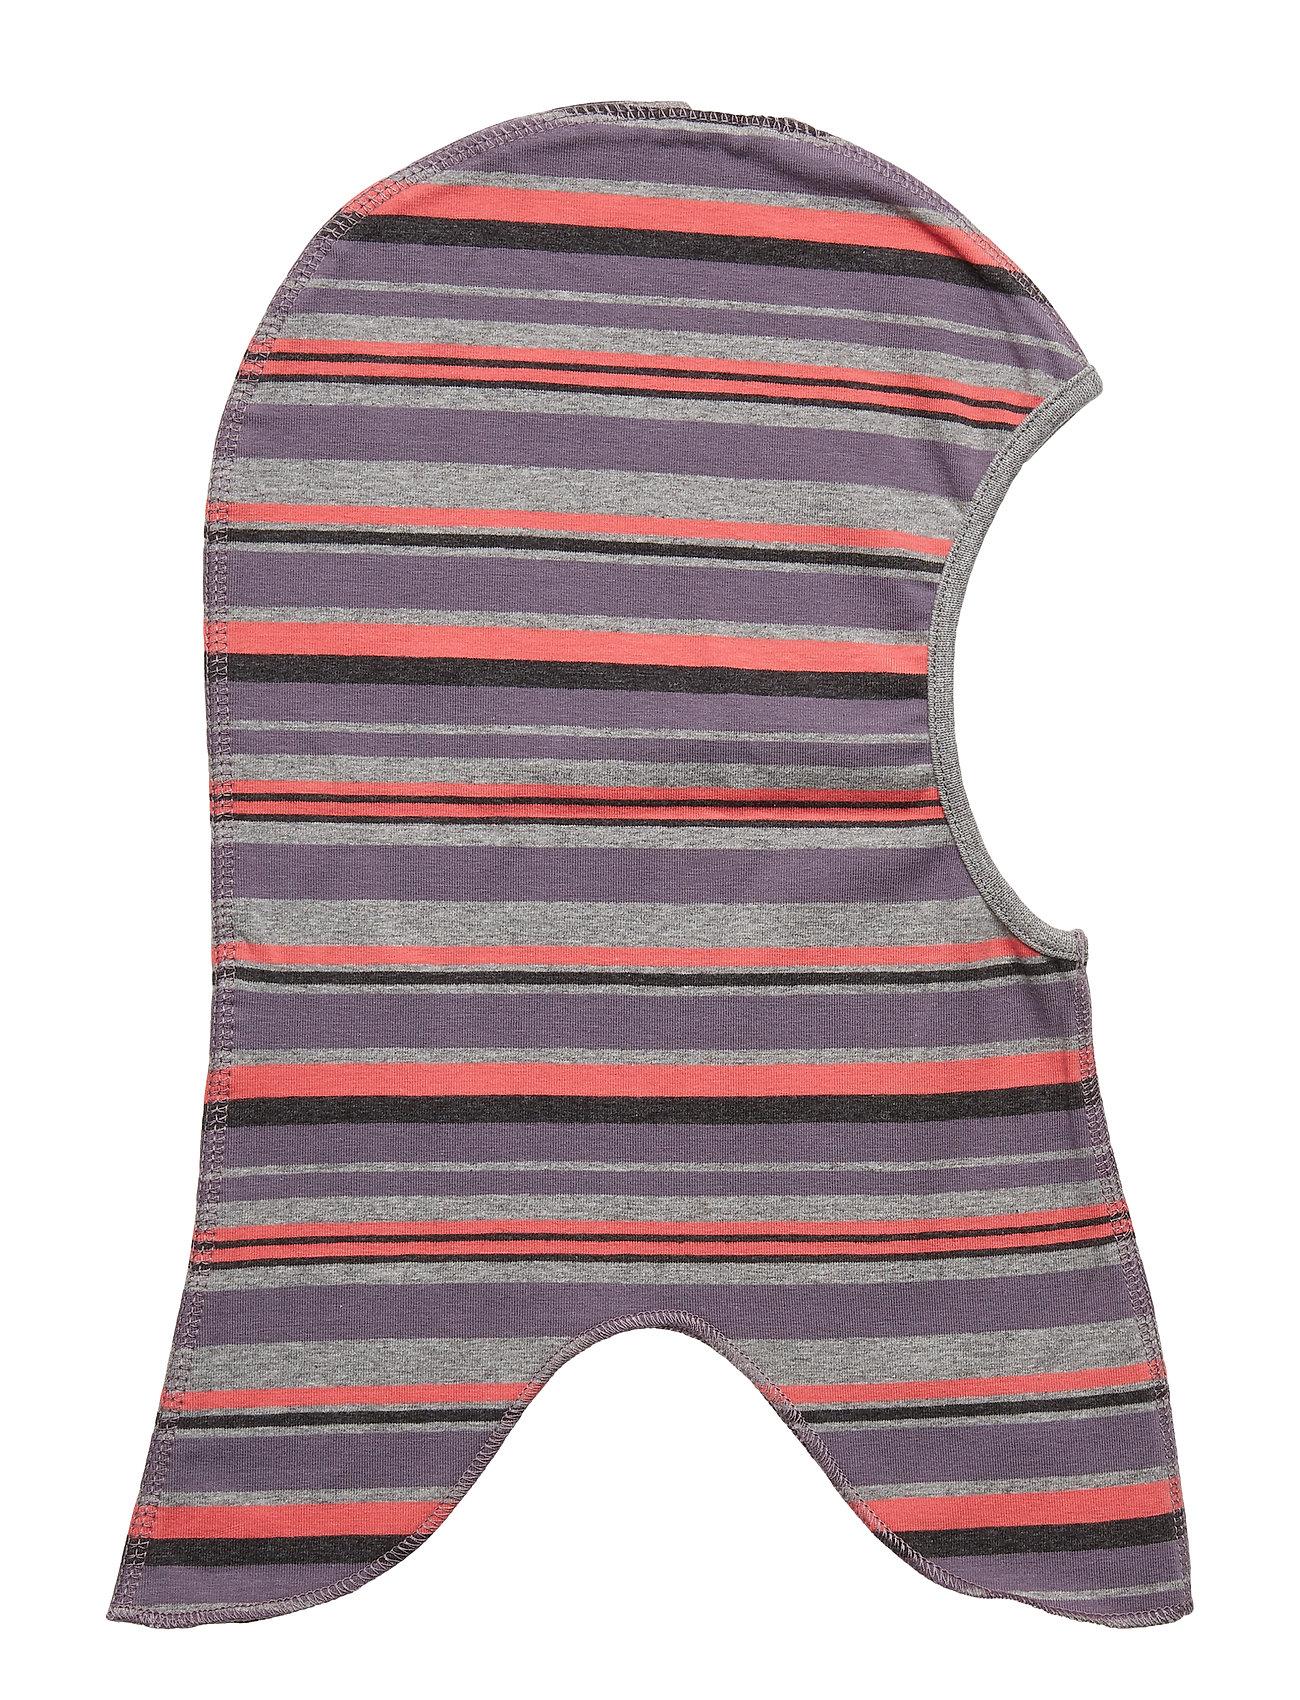 Image of Cotton Fullface Multi Stribe Hat Multi/mønstret MIKK-LINE (3123913879)